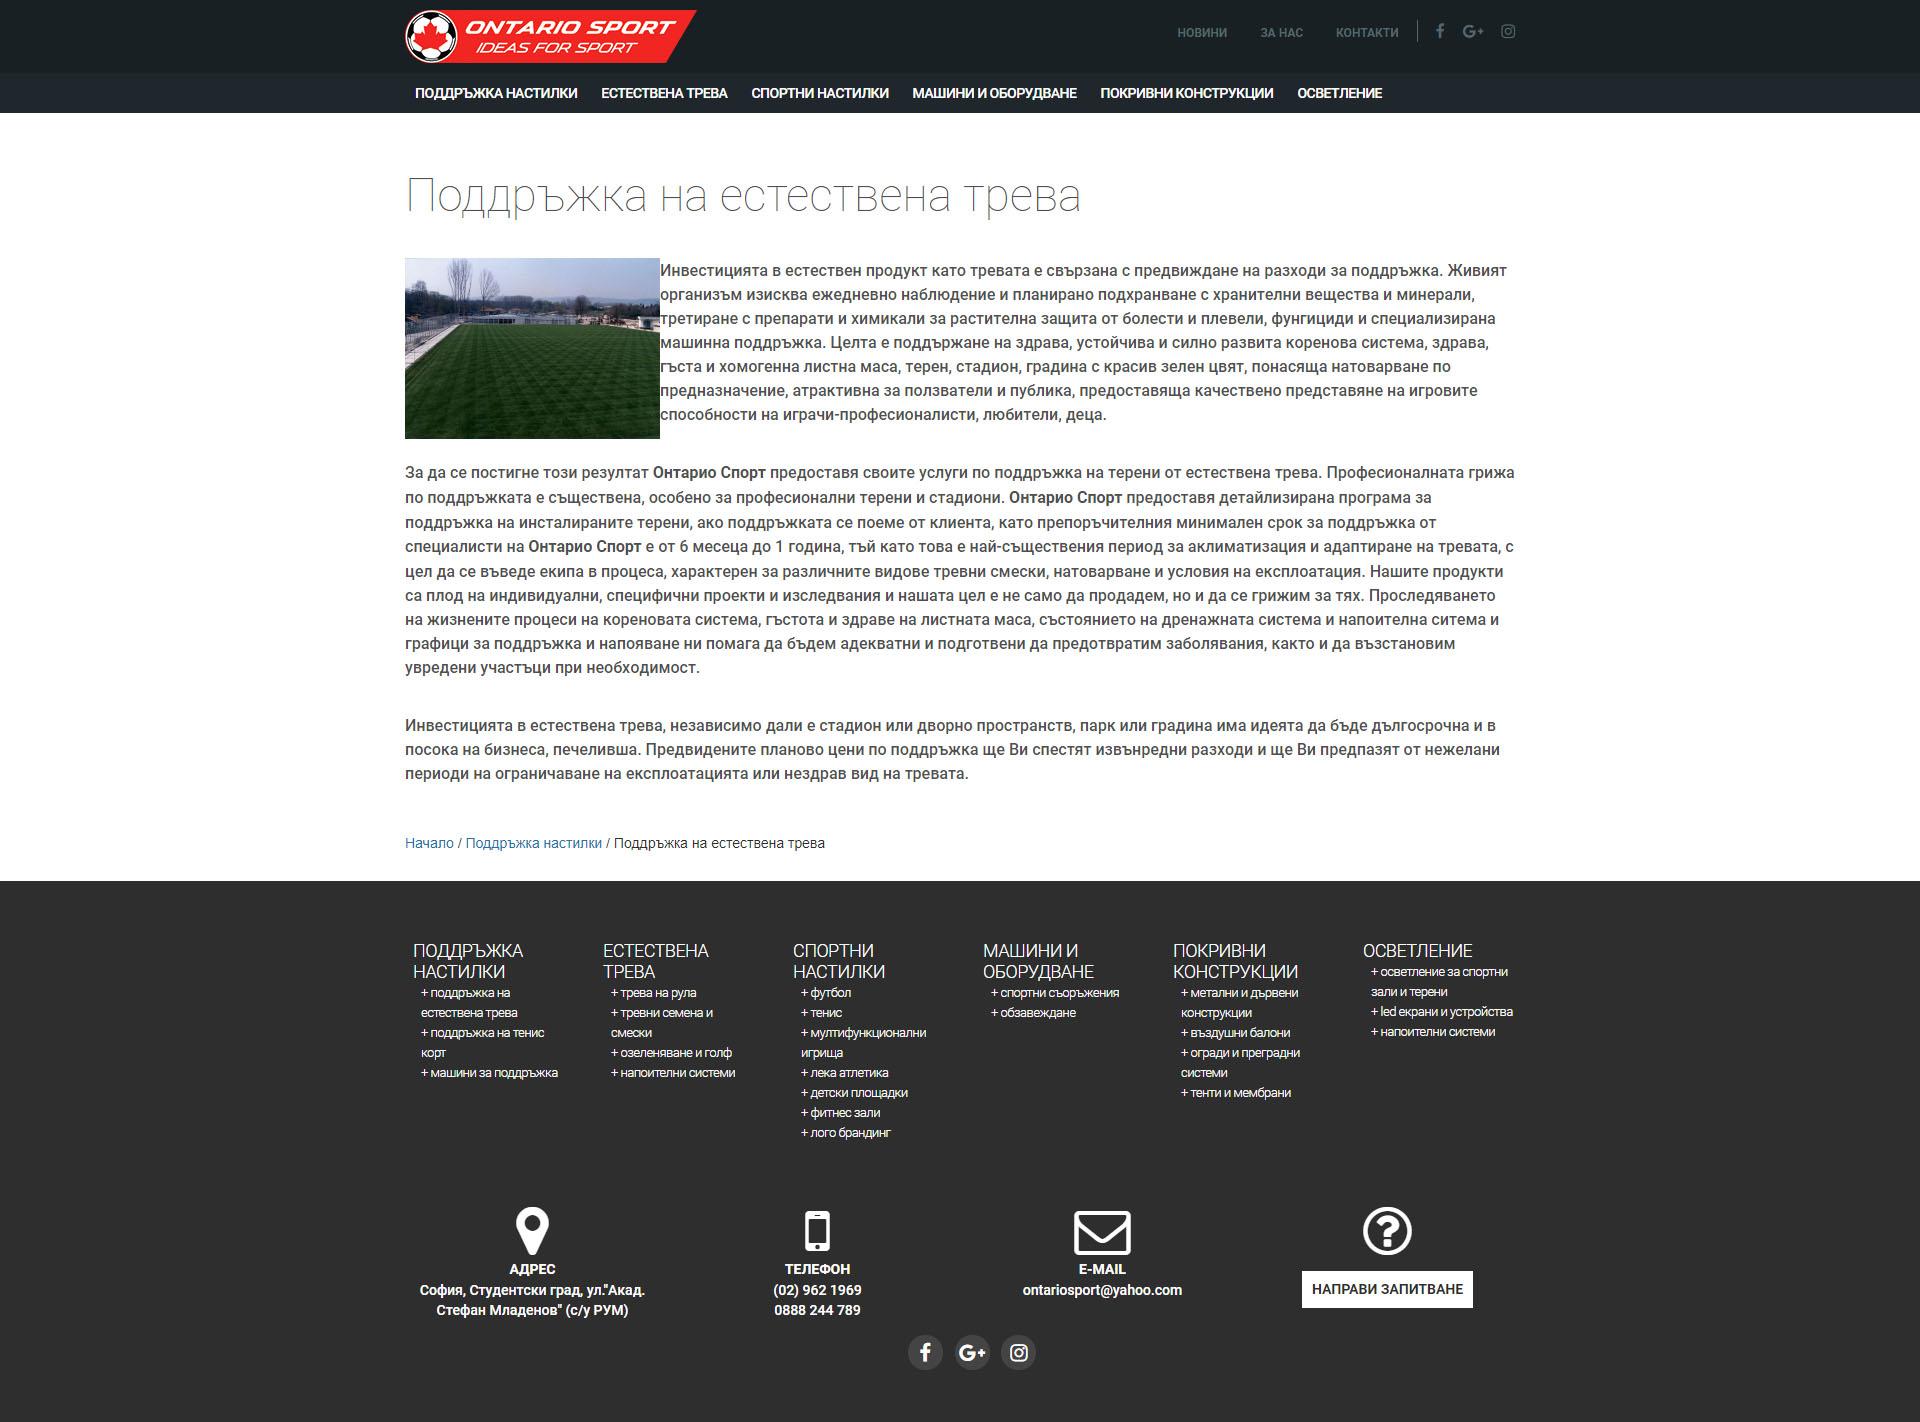 Ontariosport.net - начална страница